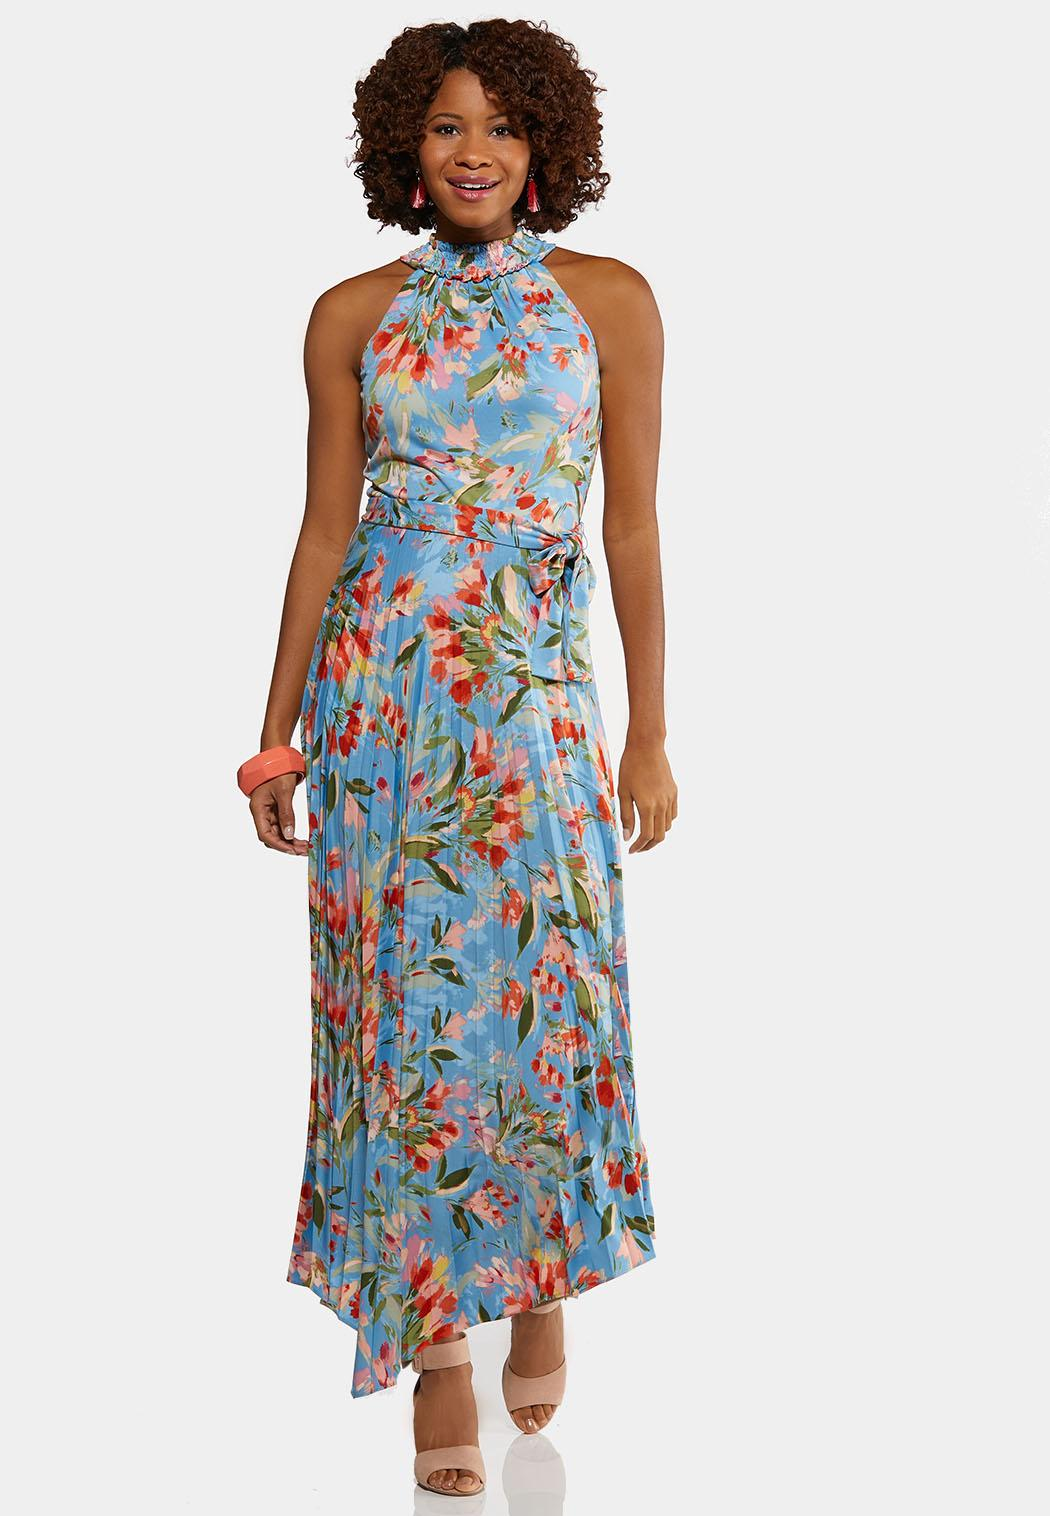 Plus Size Pleated Blue Floral Dress